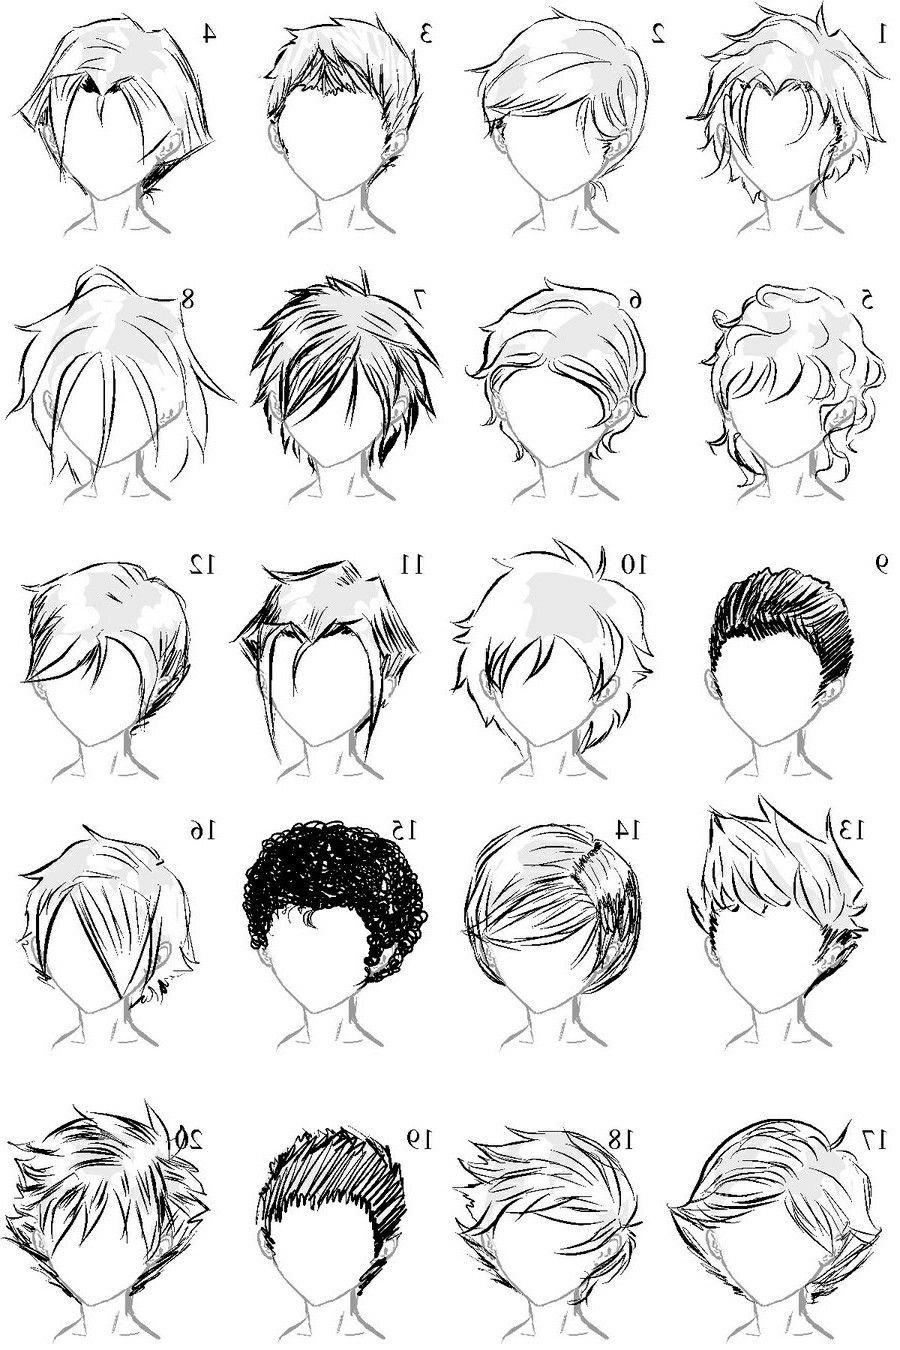 Anime Boy Hairstyles Not Mine Wowprettyppl In 2019 In 2020 Anime Boy Hair Anime Hair Anime Hairstyles Male